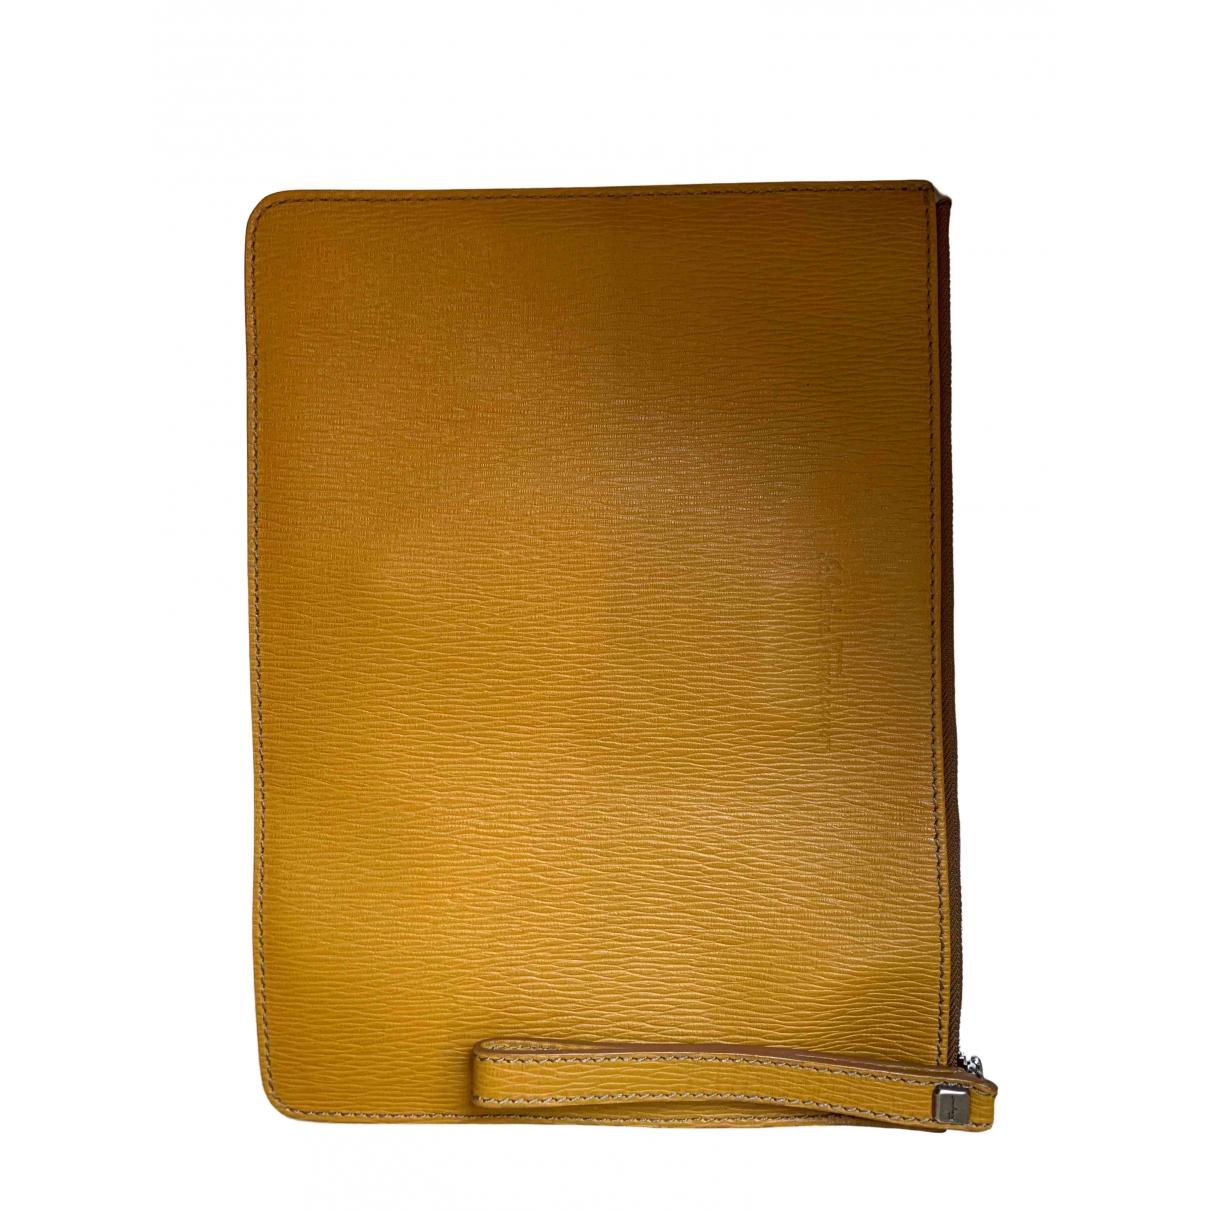 Salvatore Ferragamo \N Kleinlederwaren in  Gelb Leder